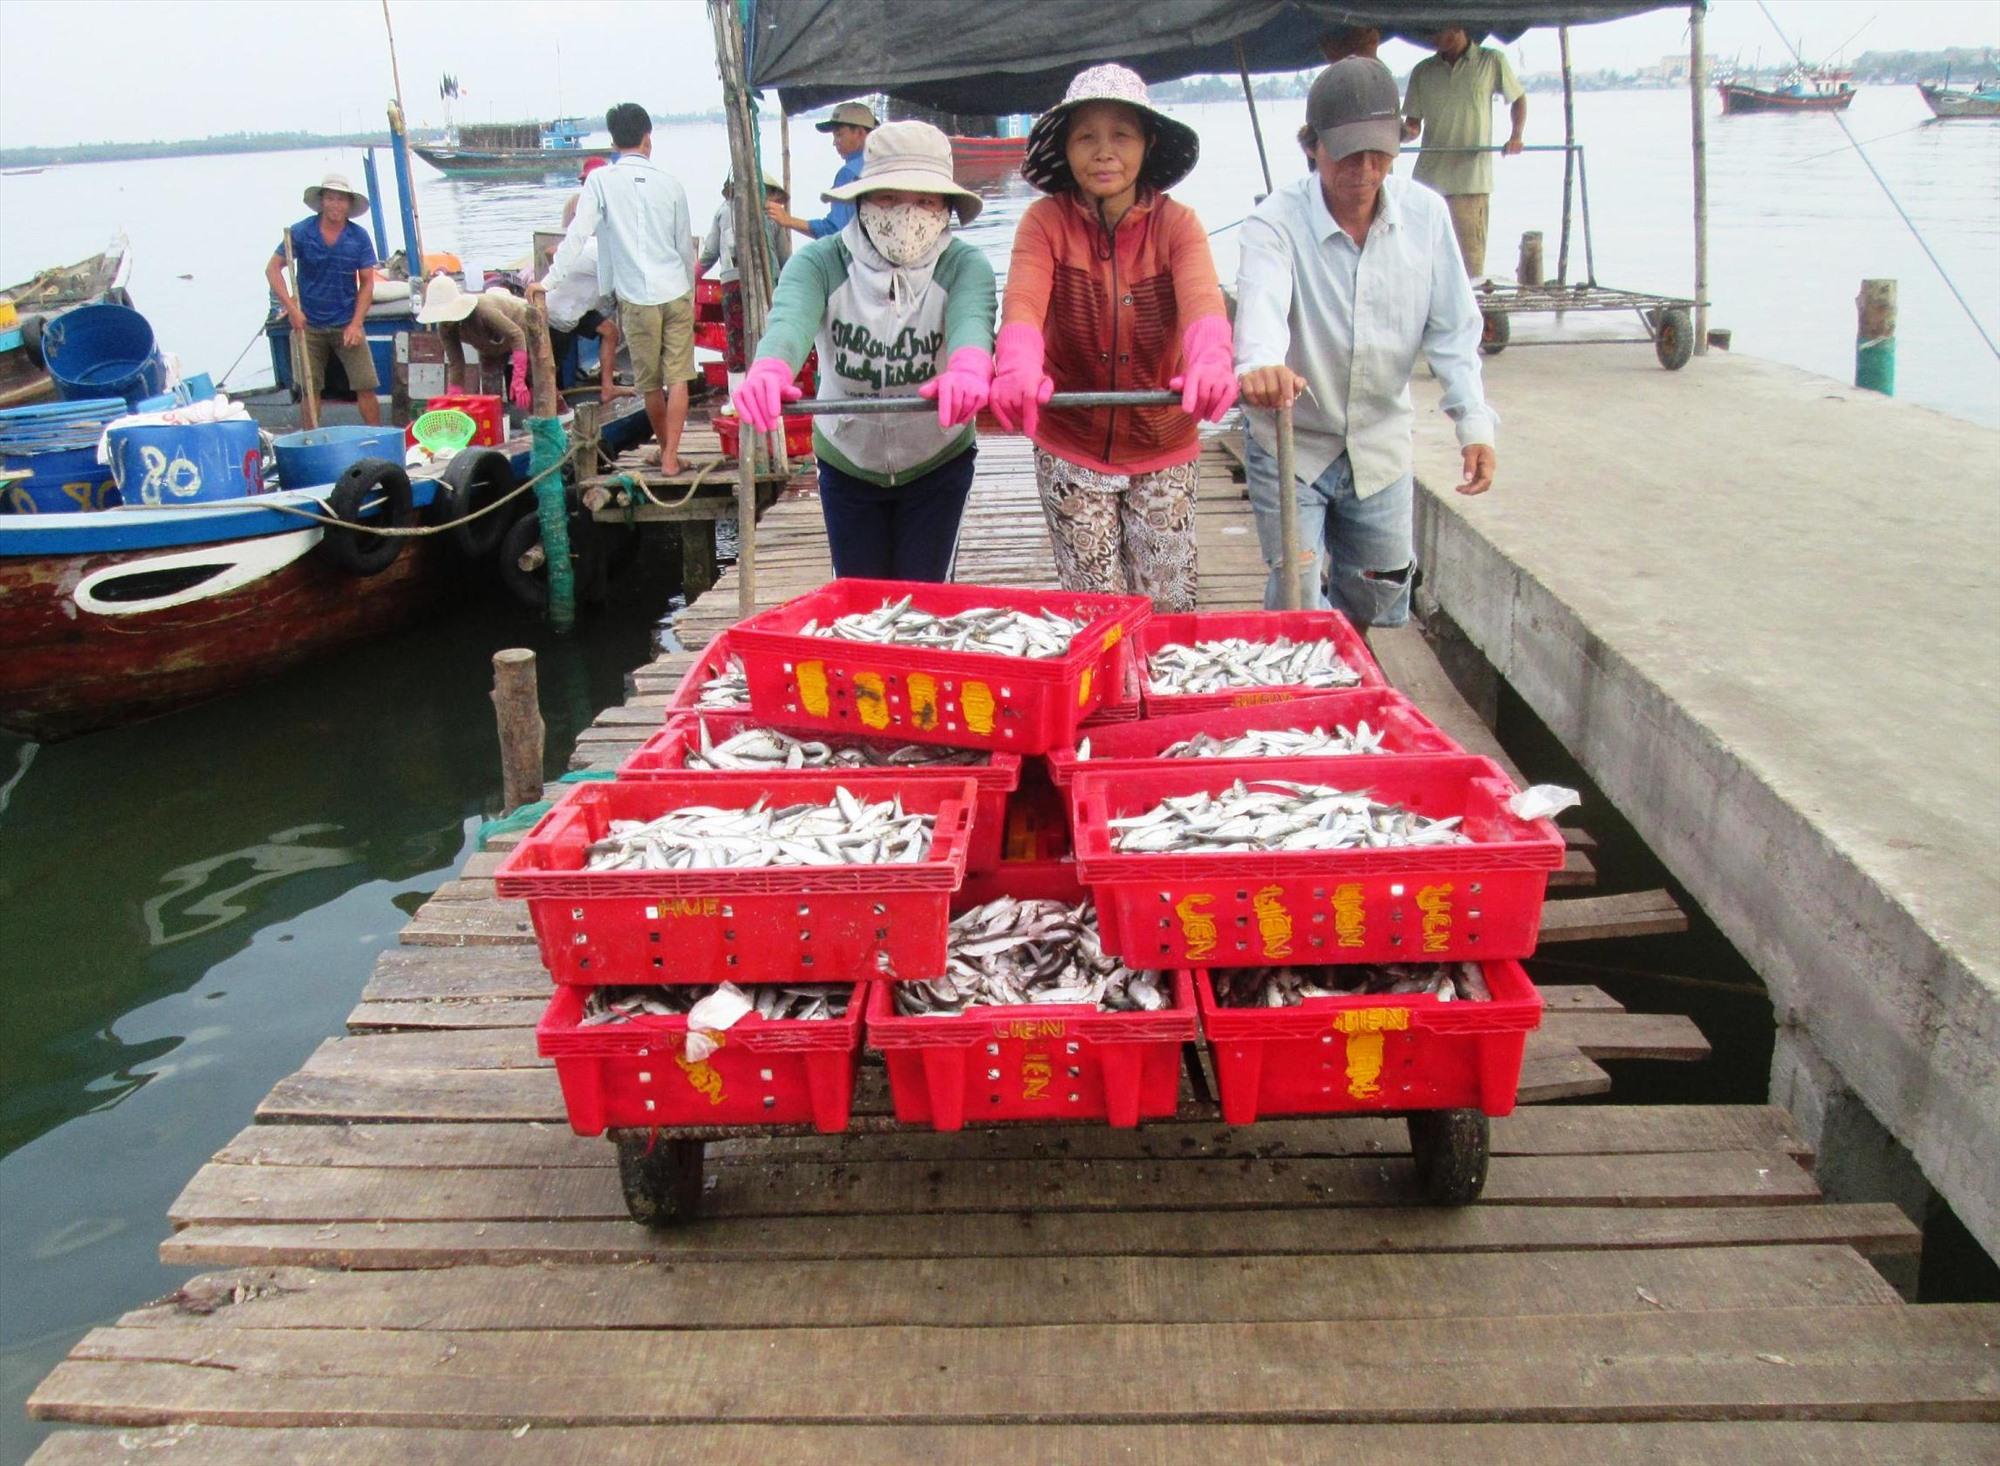 Do chưa có nhiều cơ sở chế biến thủy sản nên ngư dân thường bị tư thương ép giá. Ảnh: VĂN SỰ